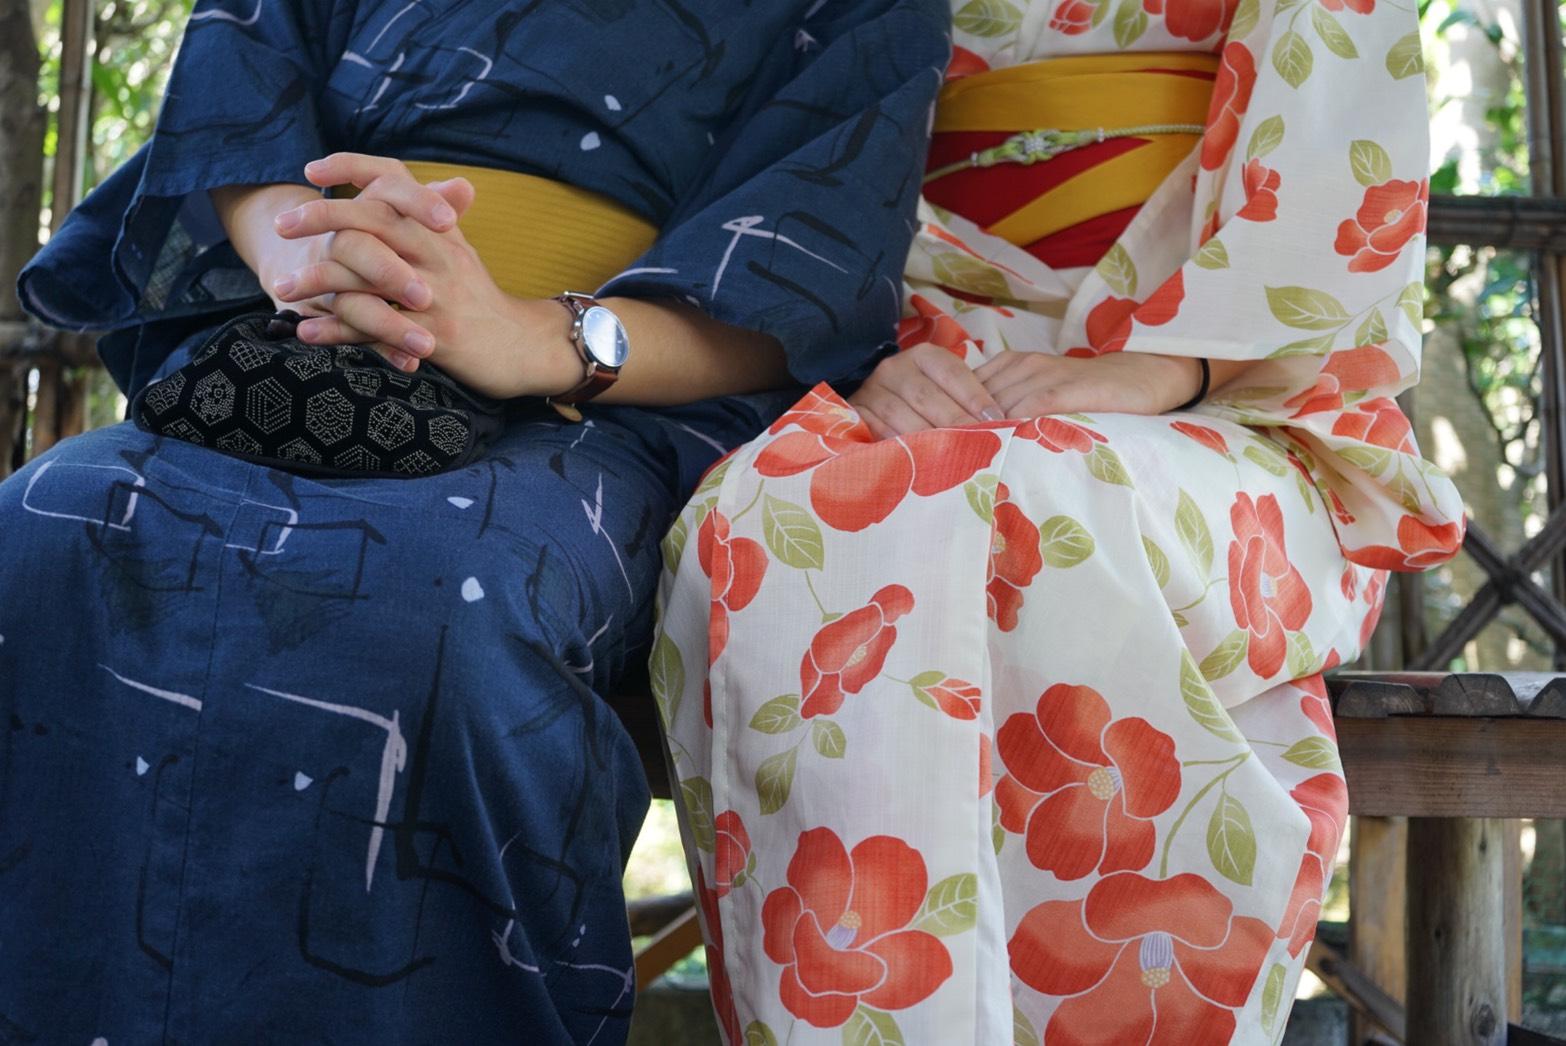 ぎをん小森で抹茶パフェ2019年9月8日6